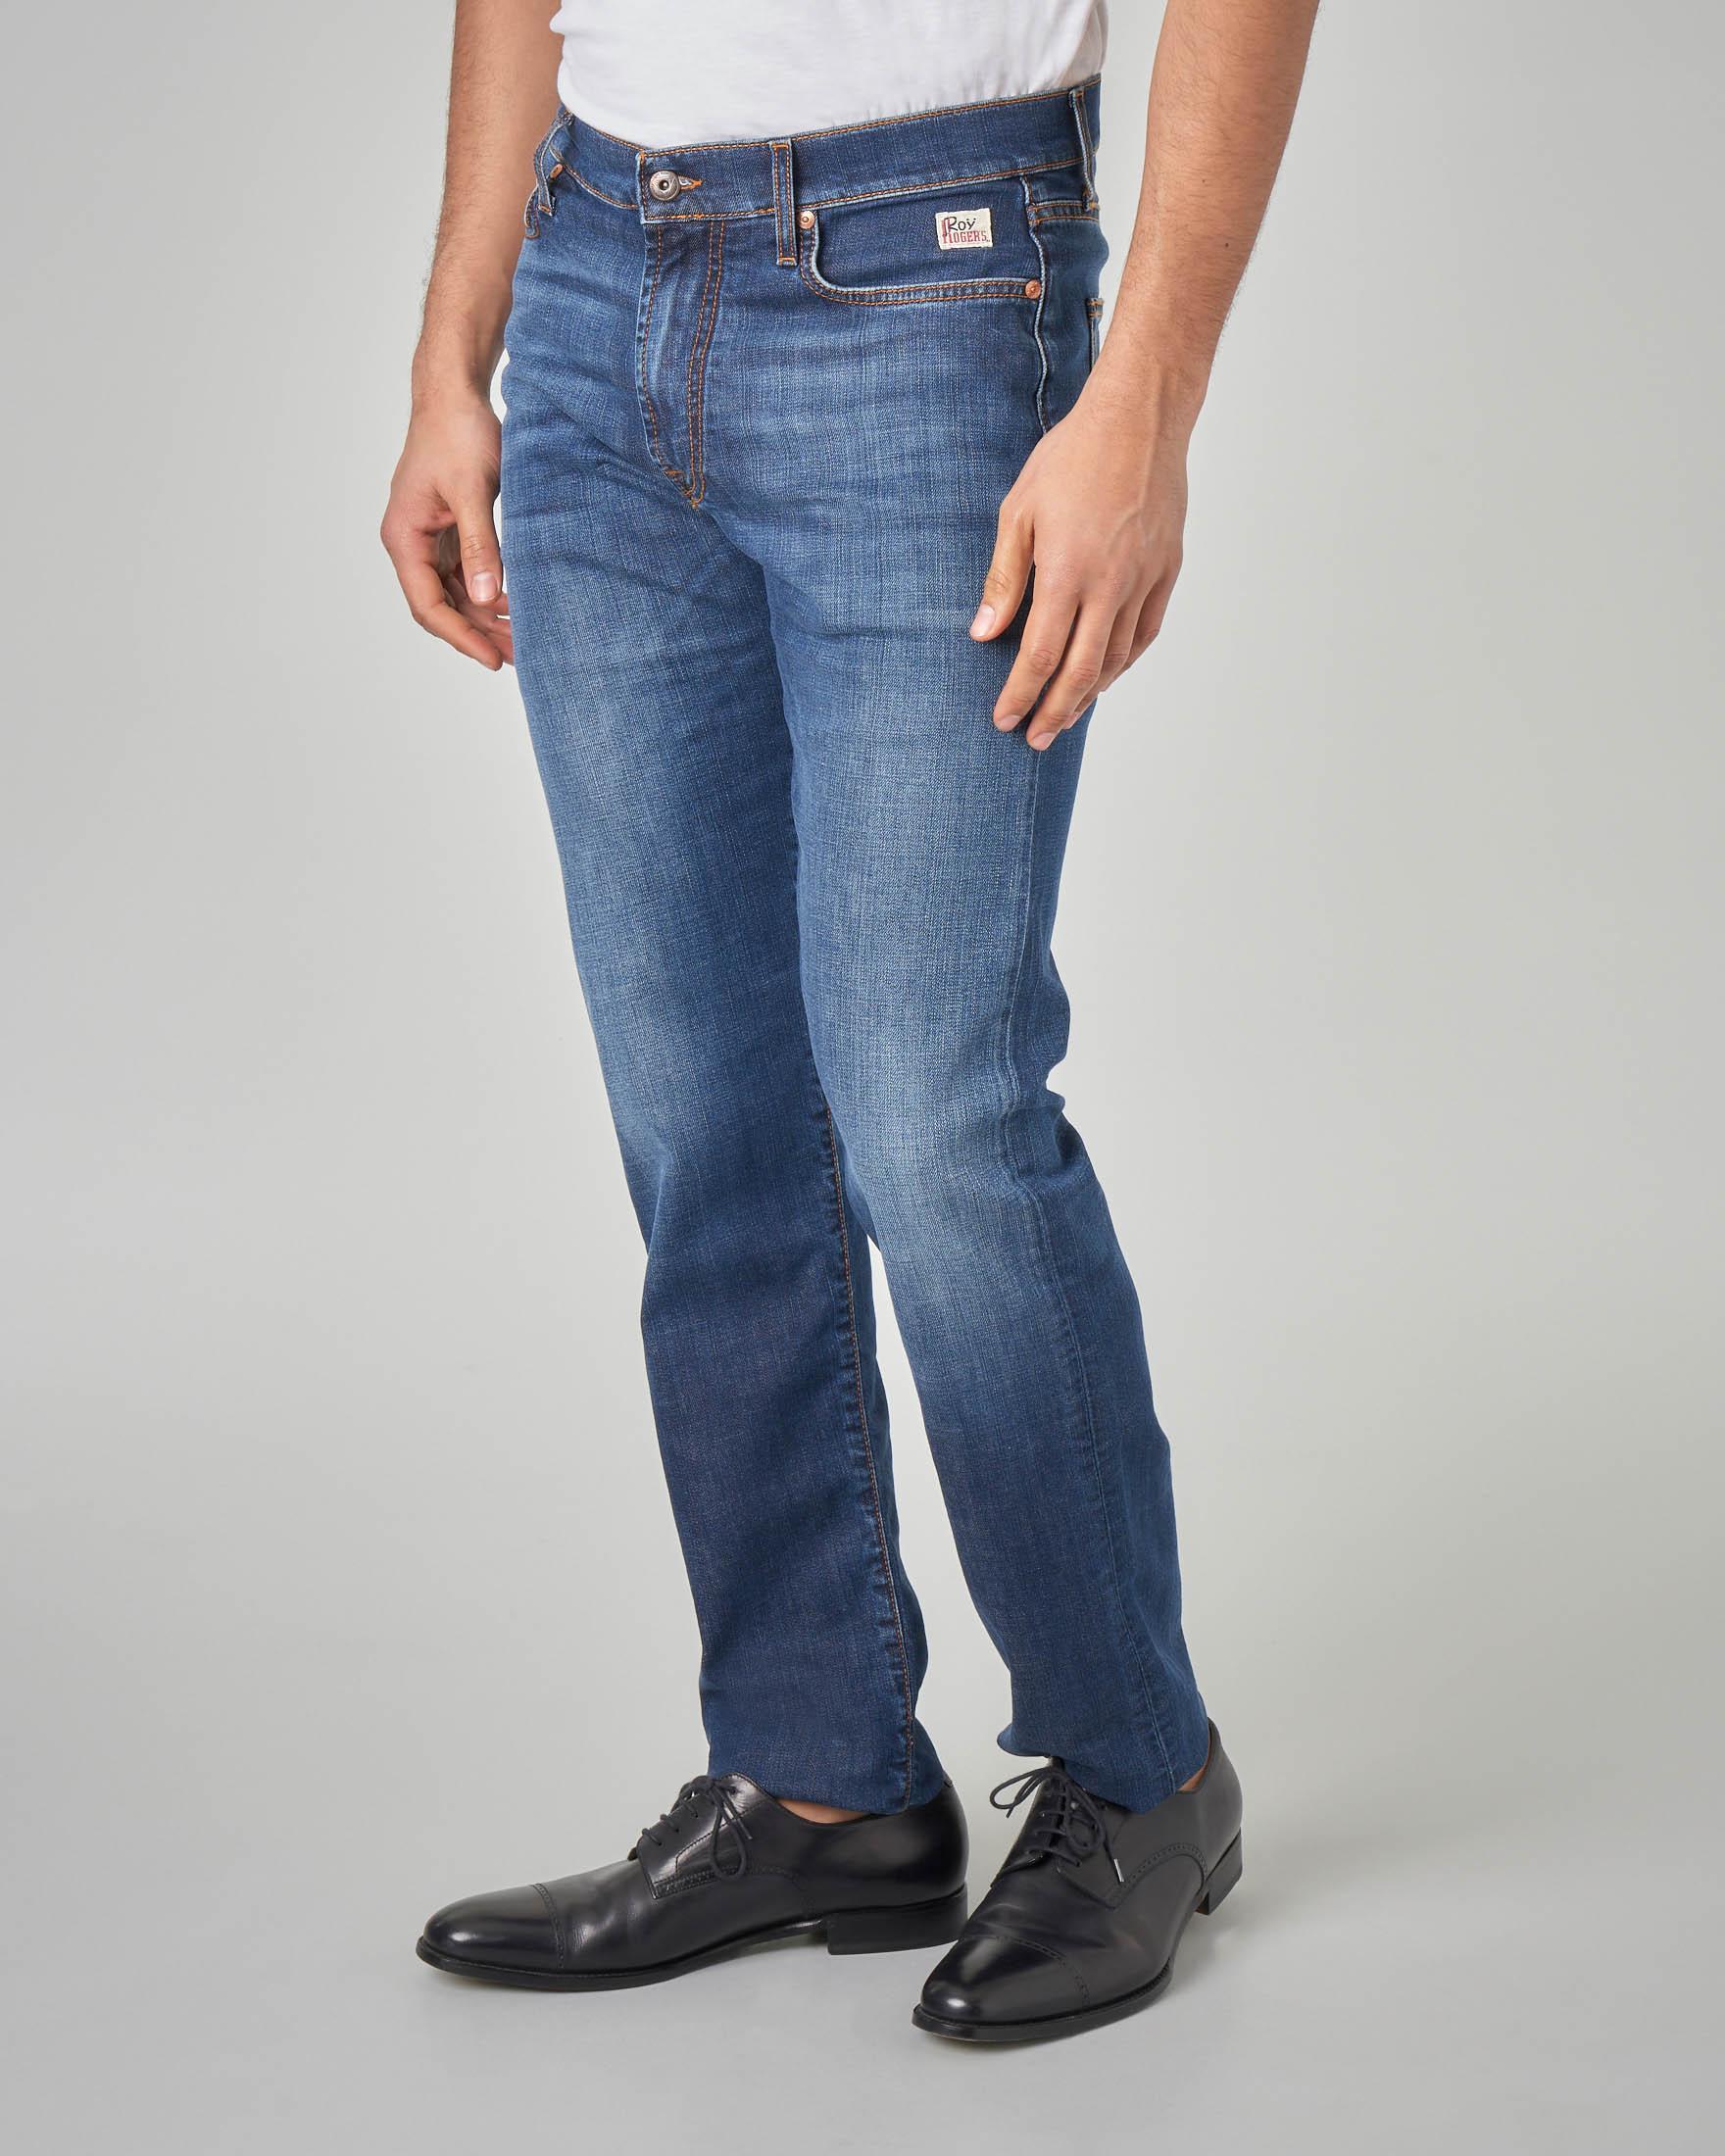 Jeans 927 lavaggio stone wash